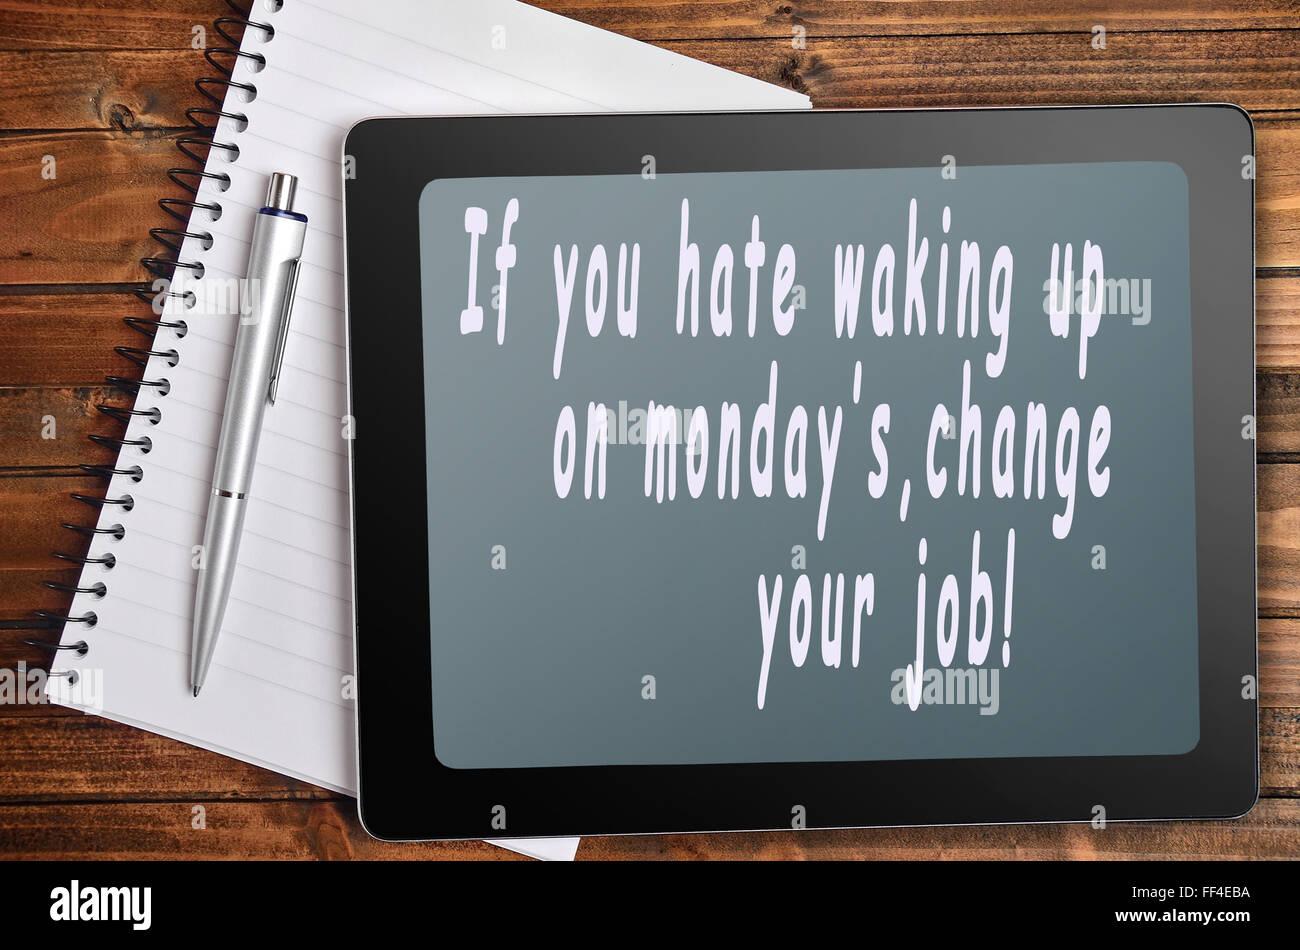 Odio las palabras del lunes en tableta digital Imagen De Stock